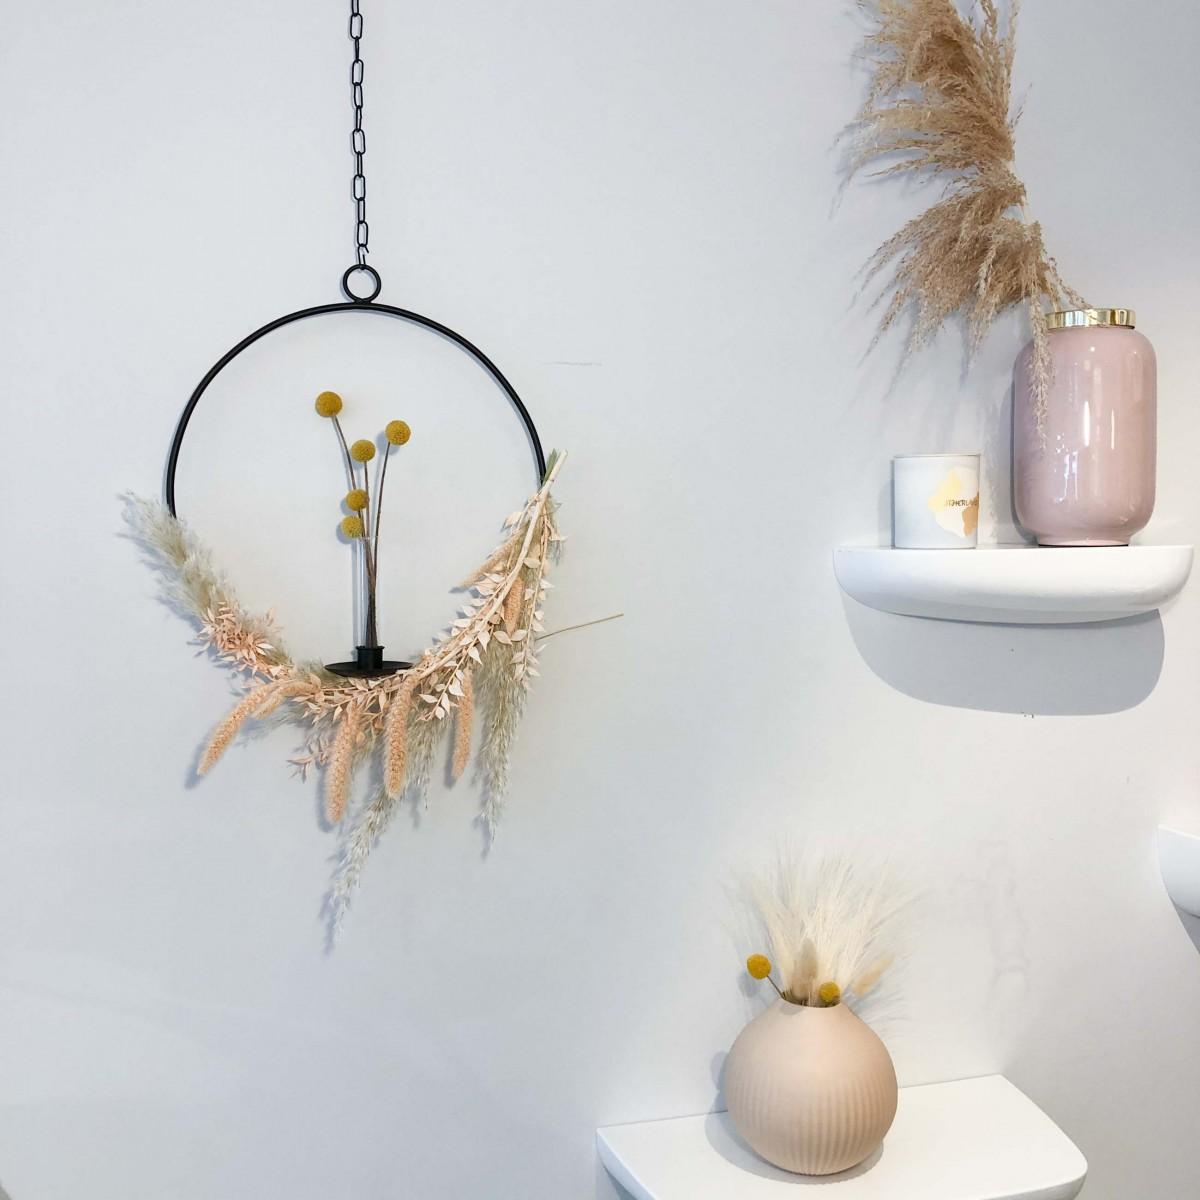 adorist - Dekoring mit Vase/Kerzenhalter Ijus Rund, schwarz